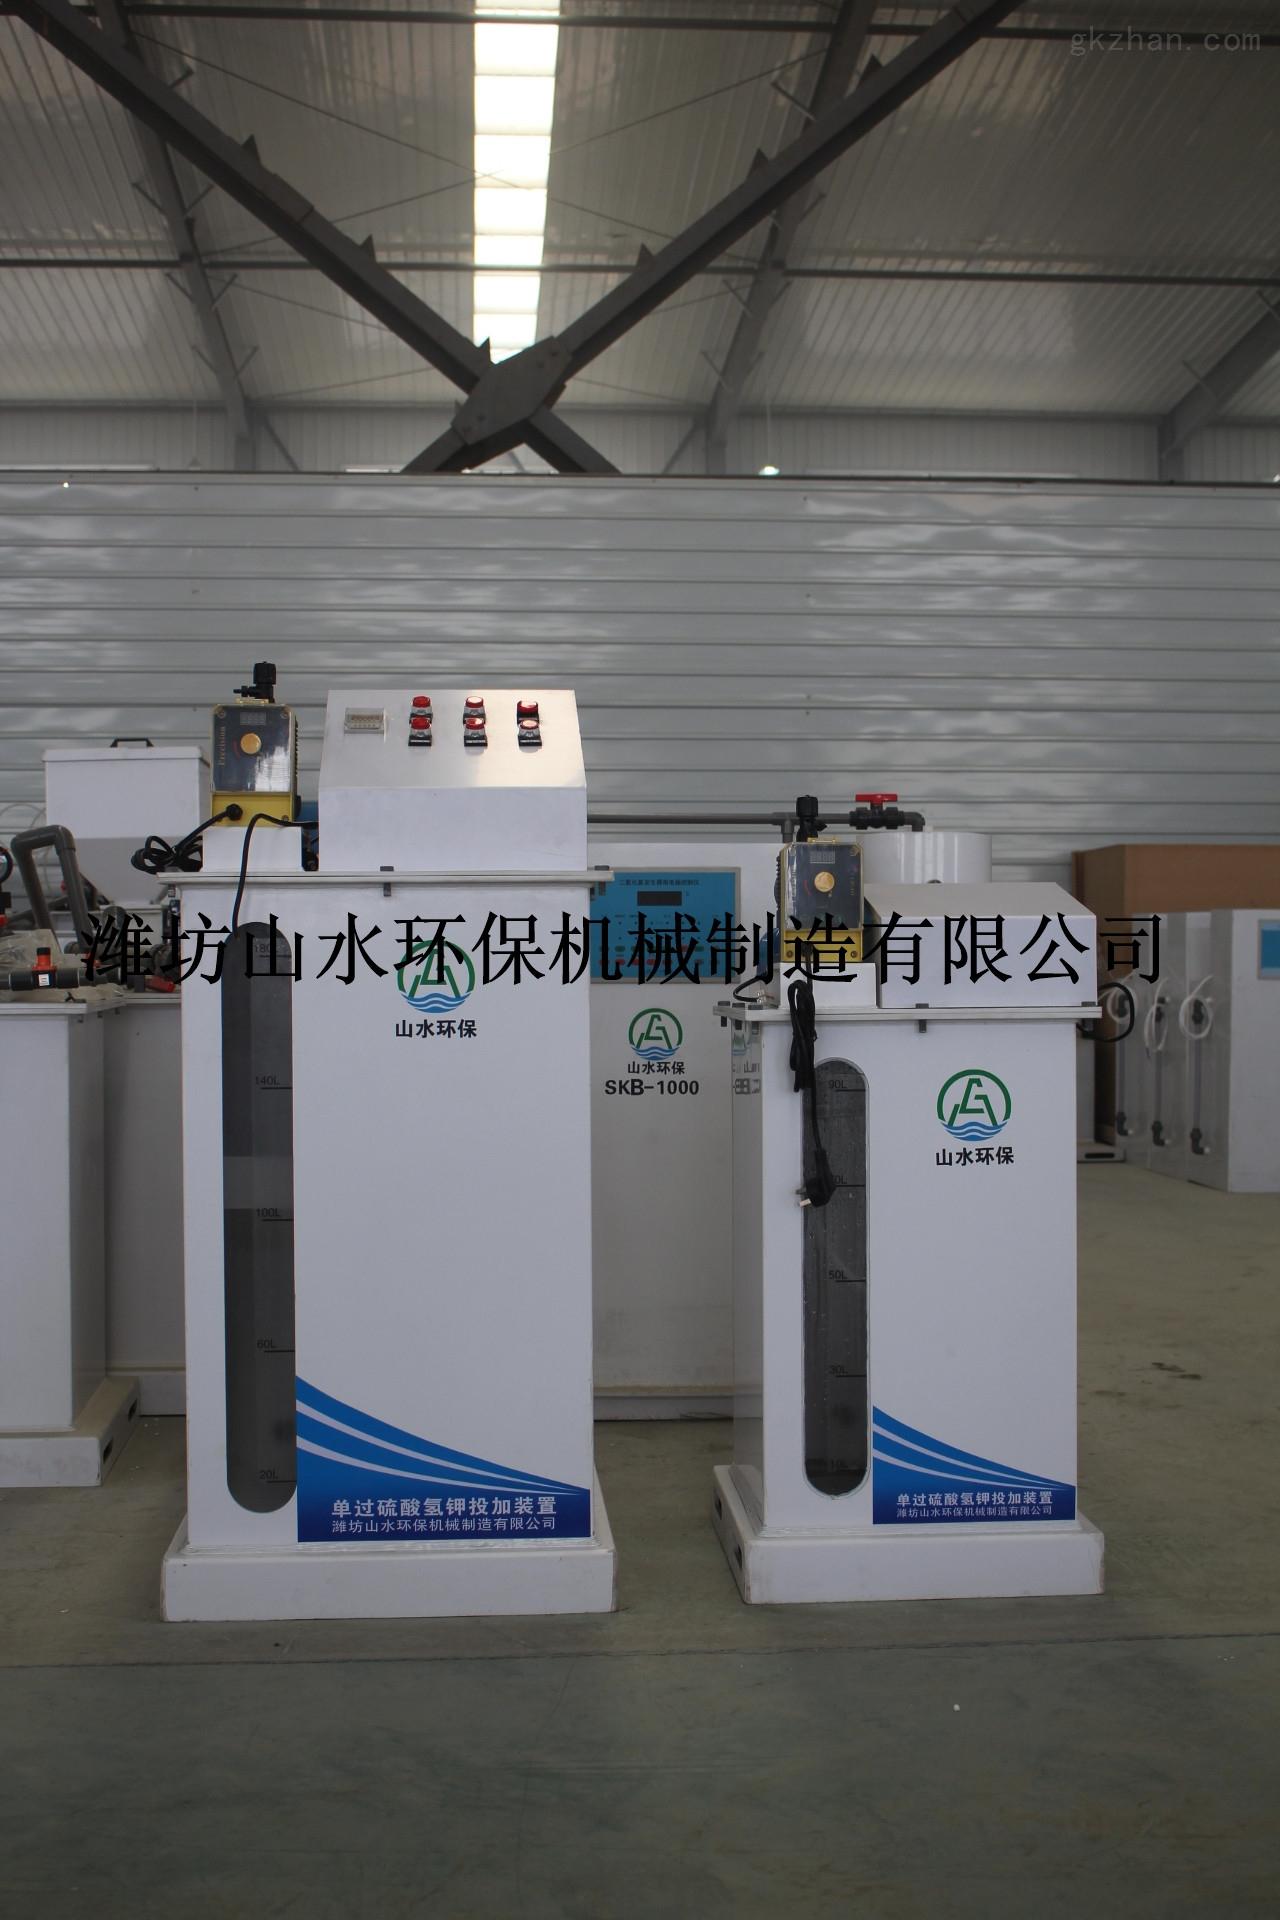 浙江农村社区诊所污水处理设备动物实验室污水处理设备选购技巧